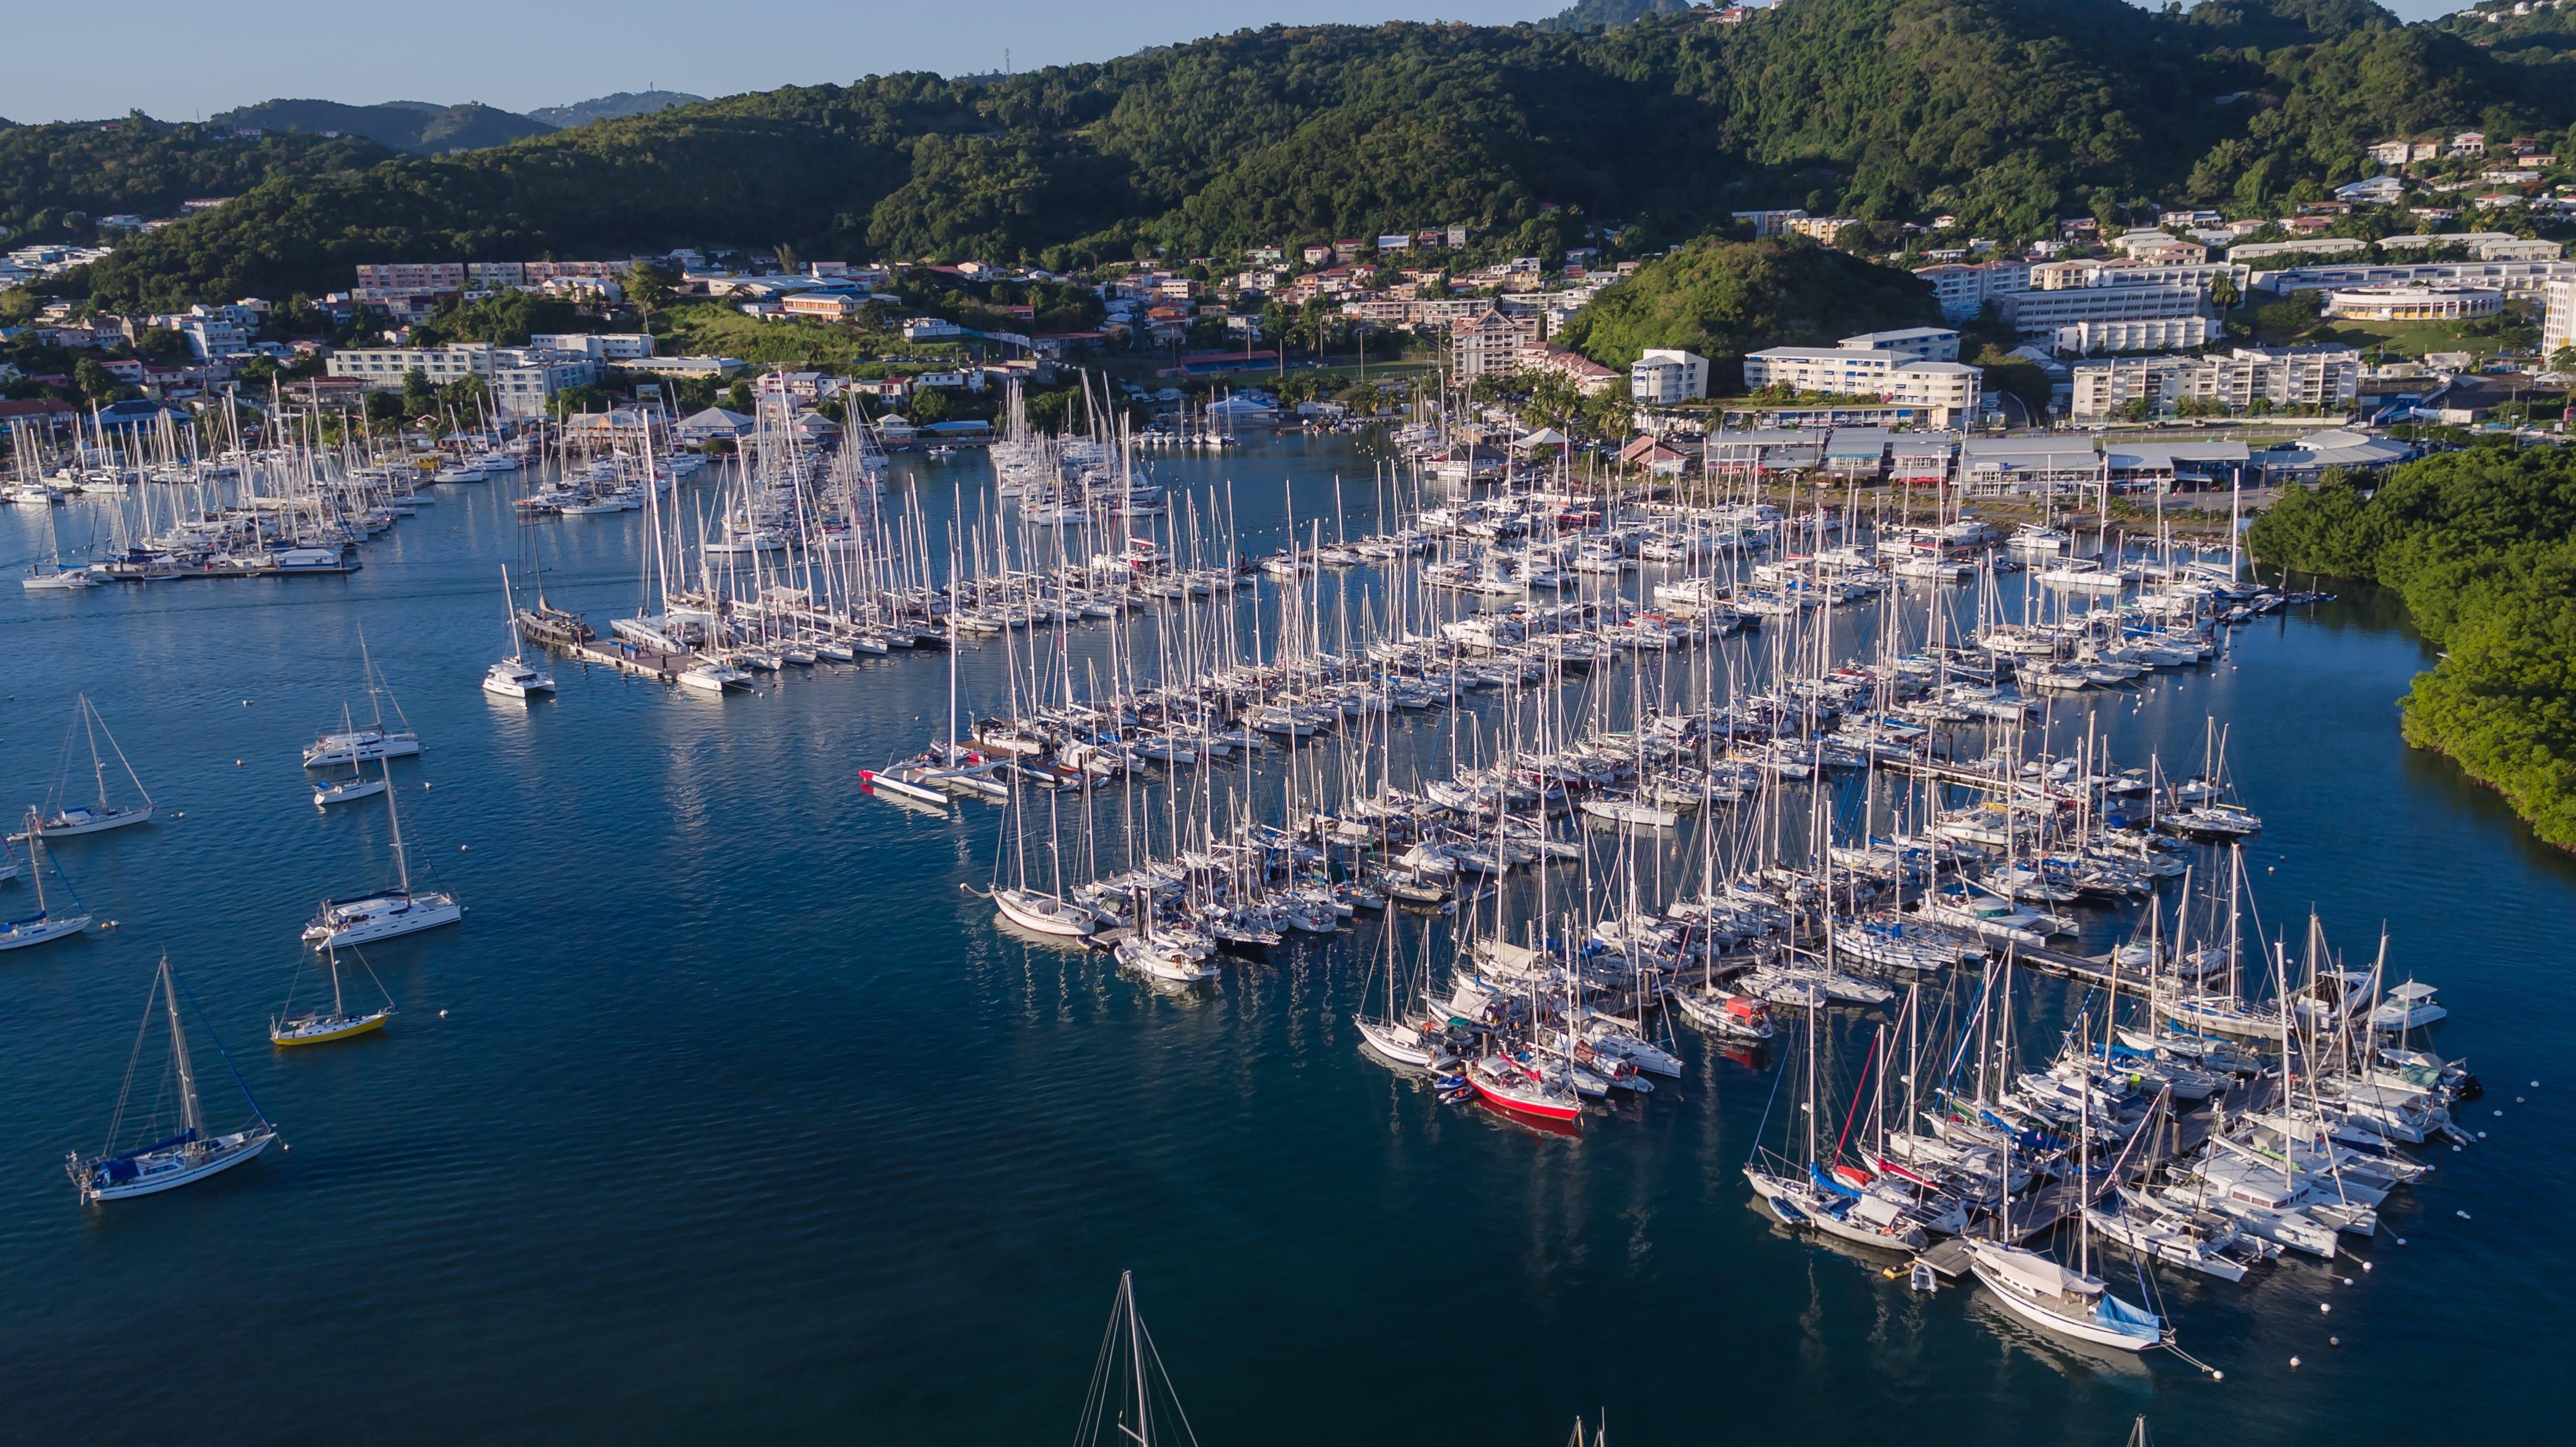 Marina du marin port de plaisance de la martinique - Office de tourisme martinique ...